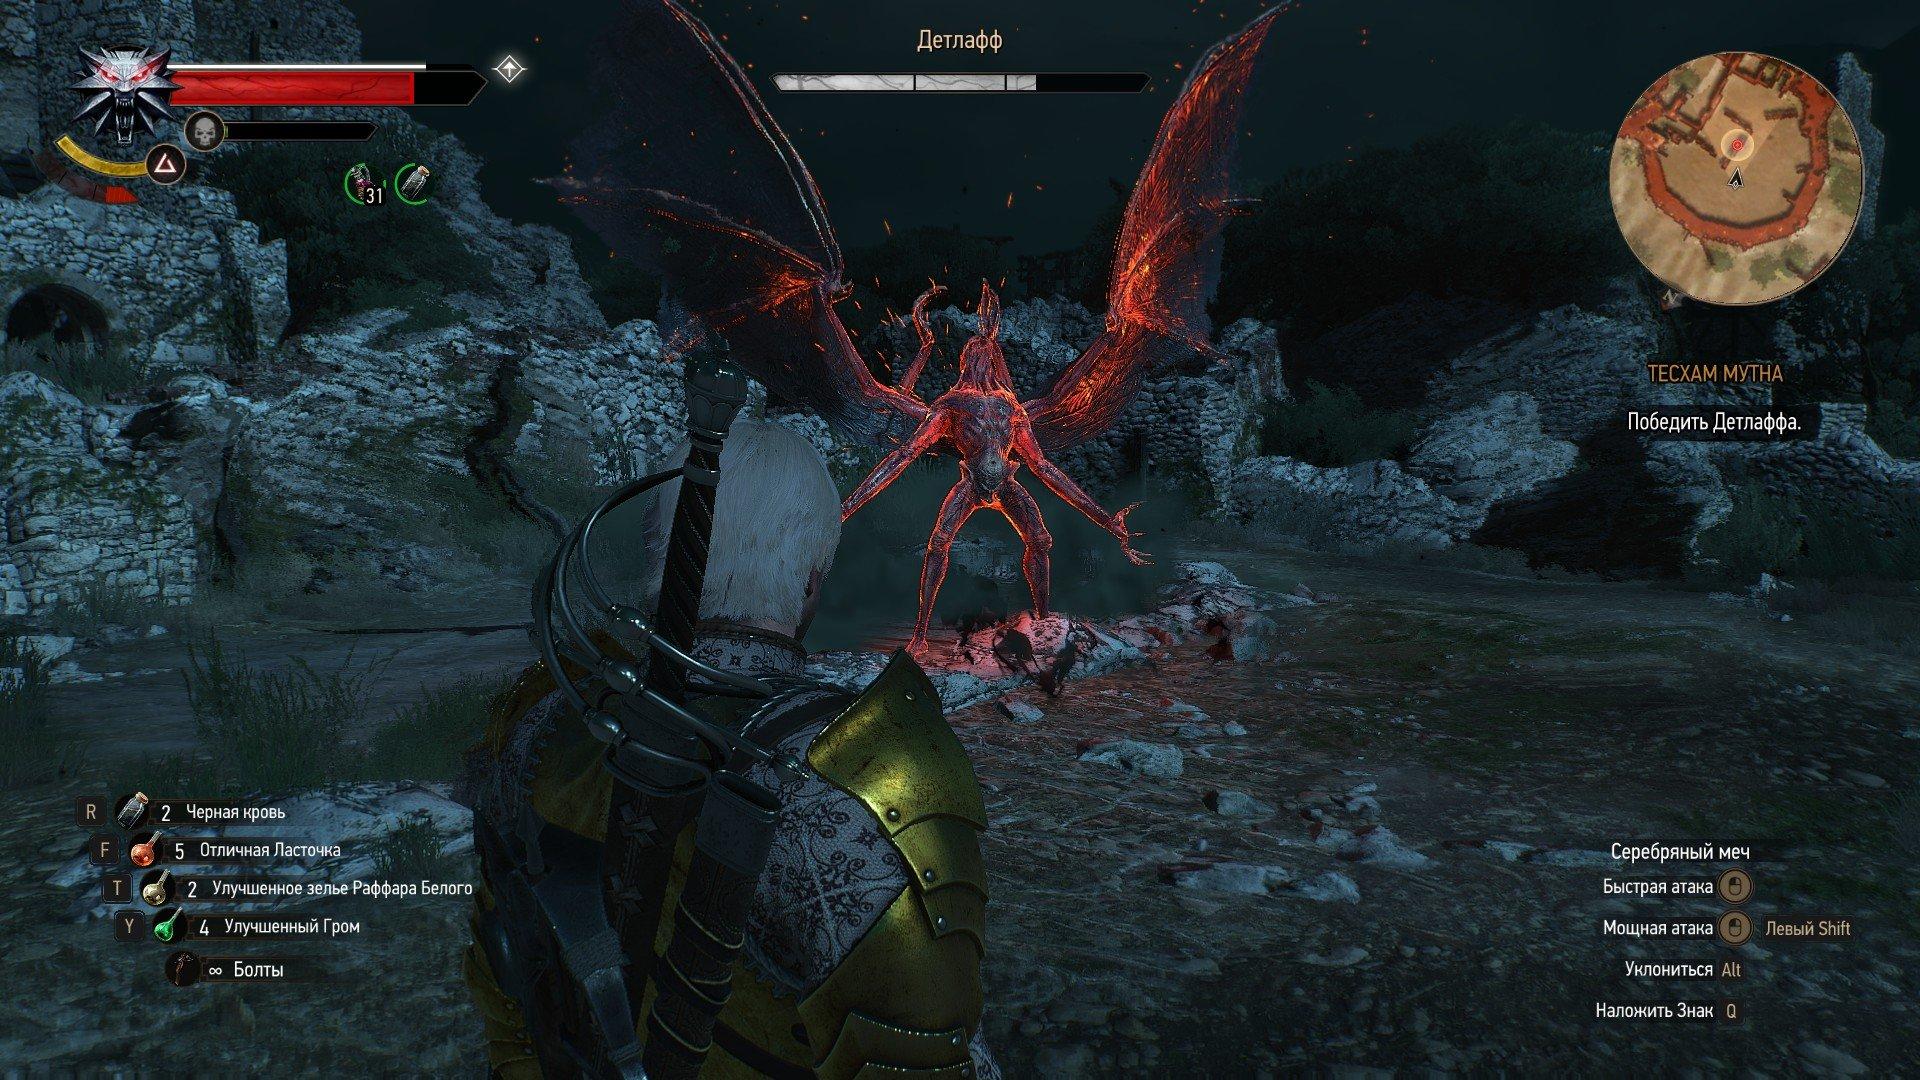 Вопль-прохождение Witcher 3: Кровь и Вино ... ФИНАЛ!!! [ВНИМАНИЕ, СПОЙЛЕРЫ] - Изображение 31